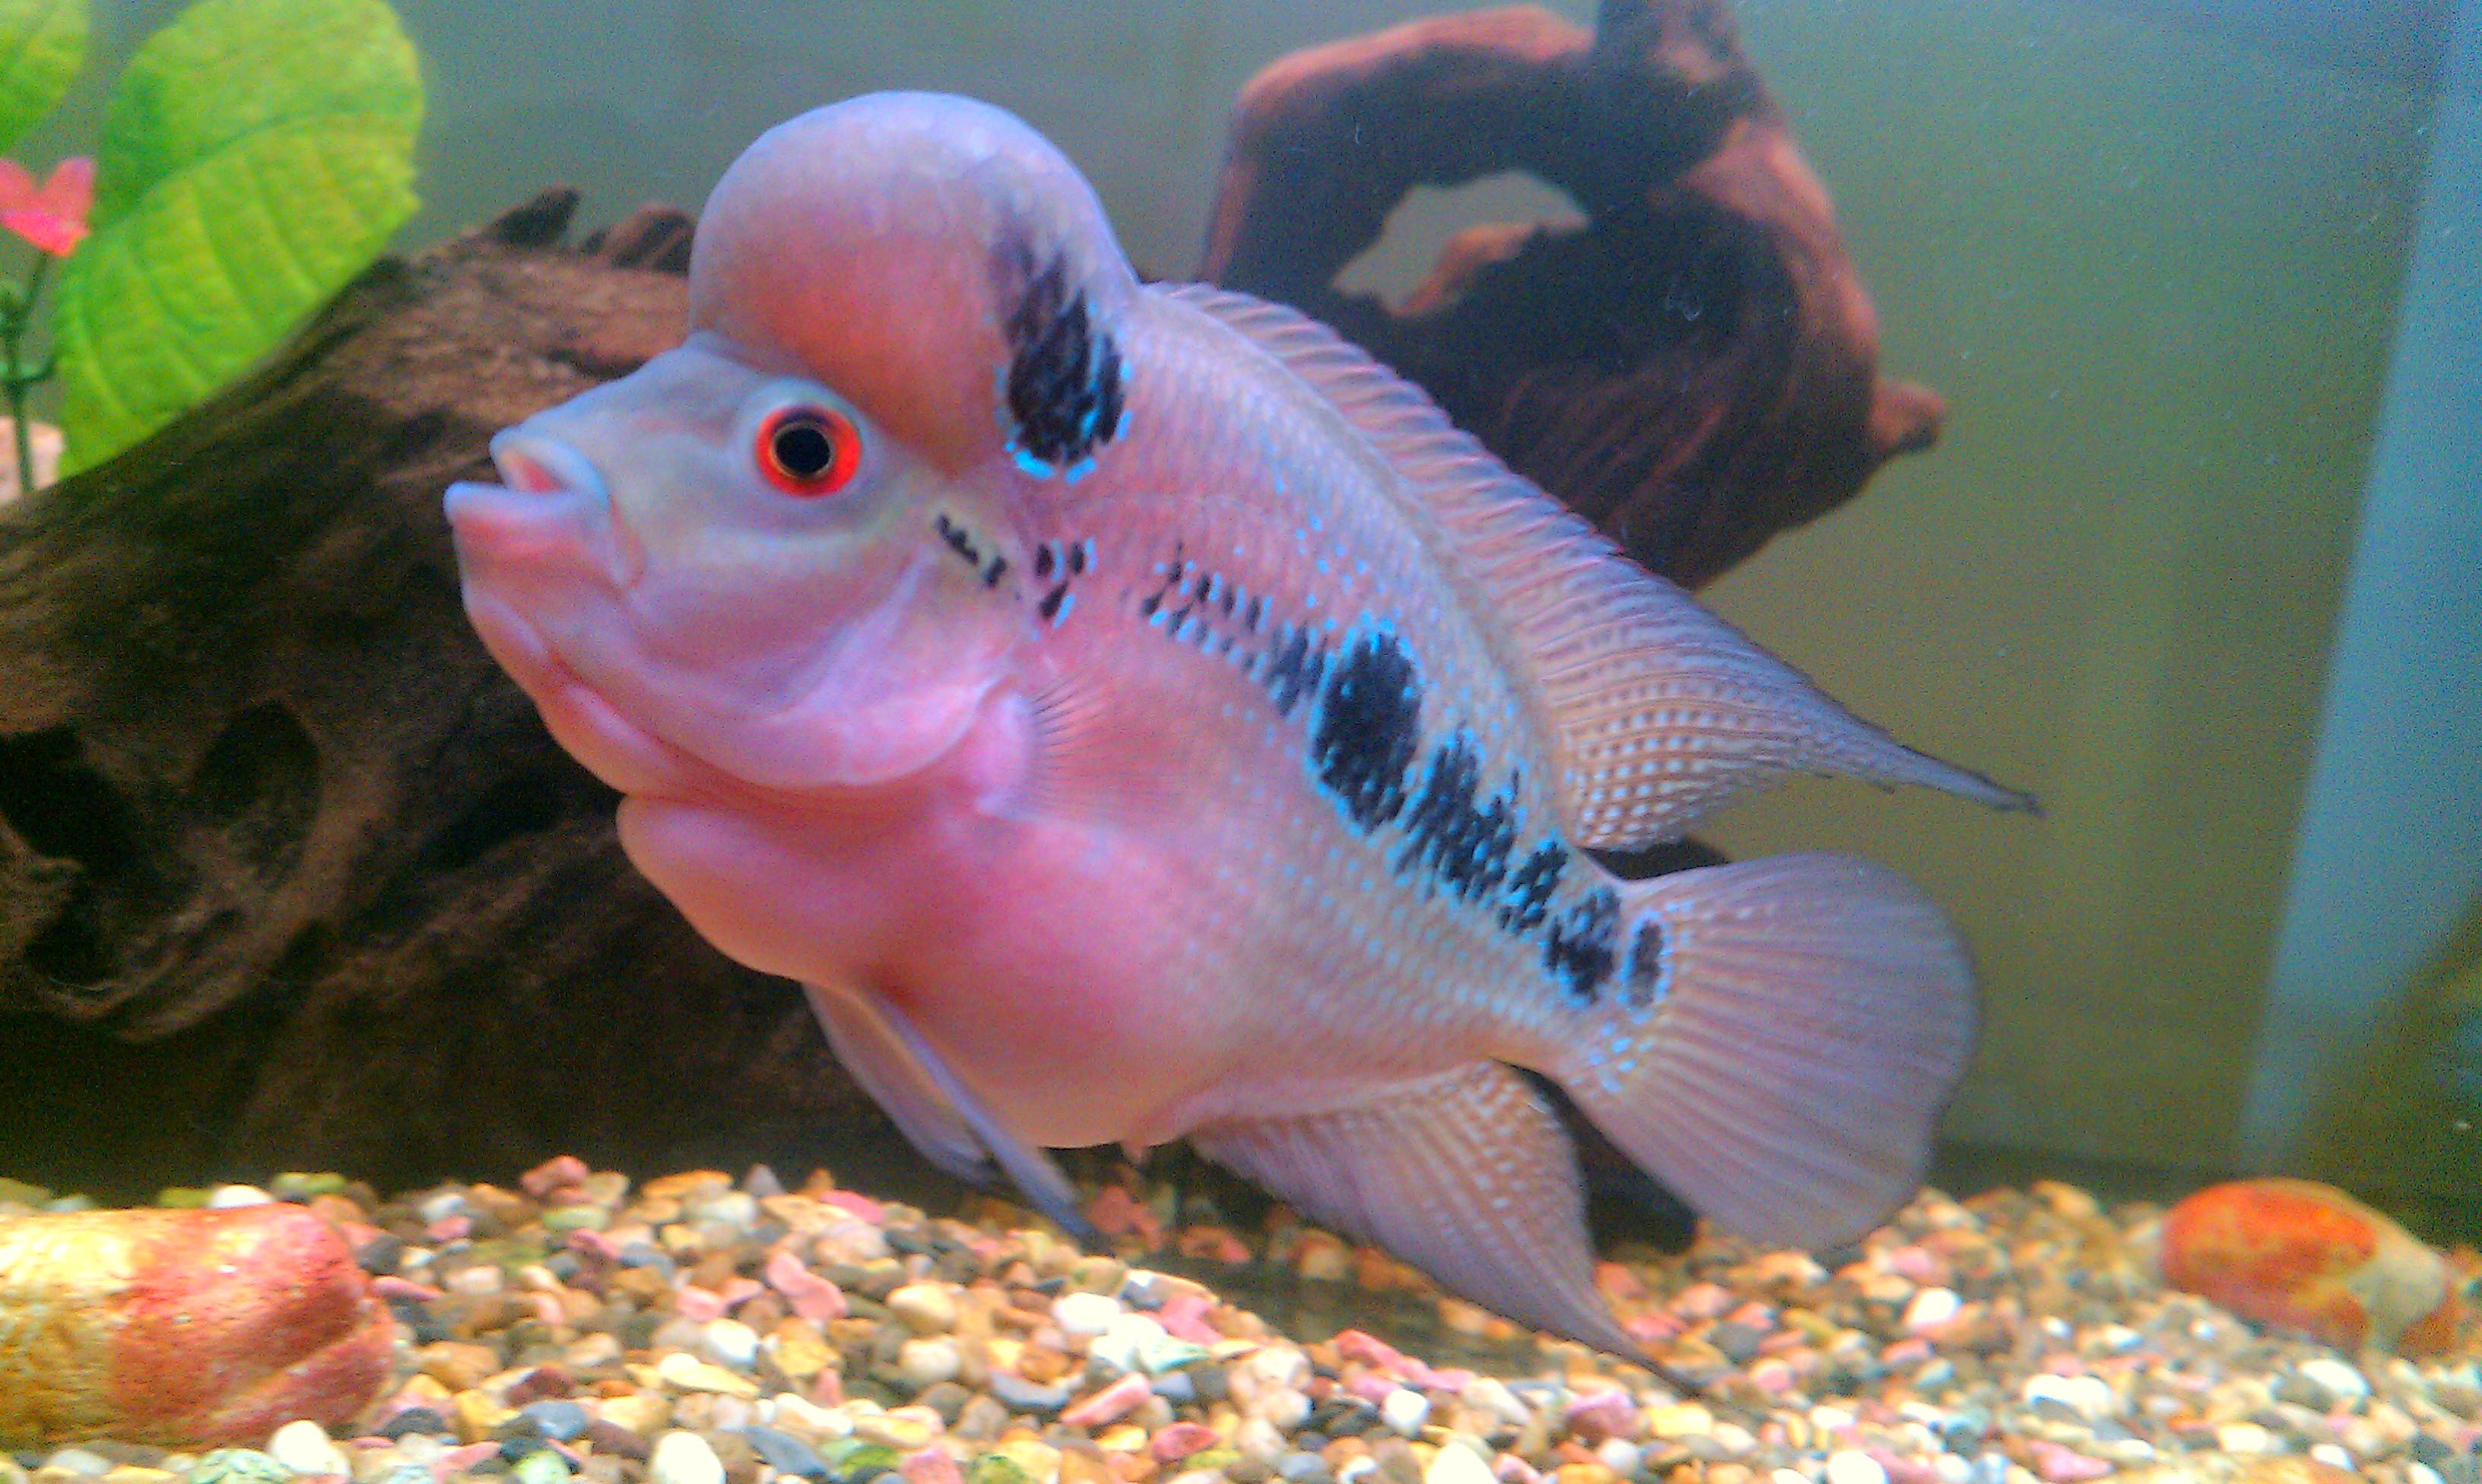 cichlids.com: FLowerhorn